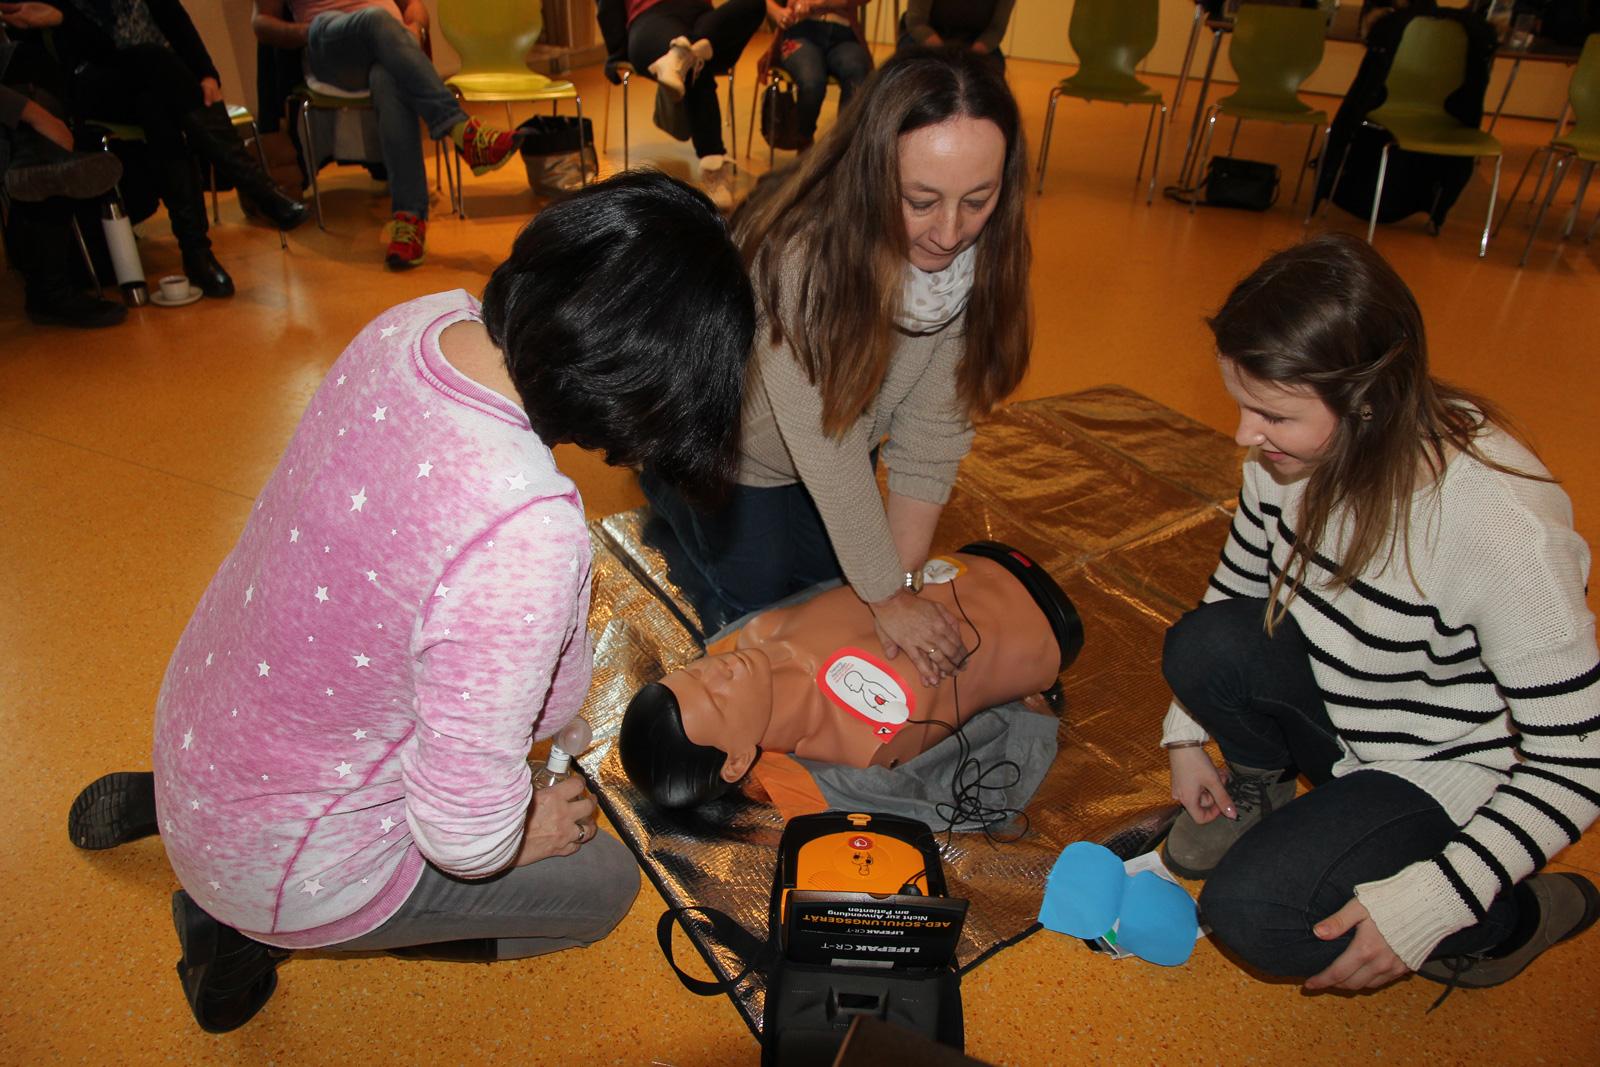 Praktische Tipps gab BRK-Trainer den betrieblichen Ersthelfern beispielsweise bei der HWL bzw. dem richtigen Umgang mit dem Defibrillator.